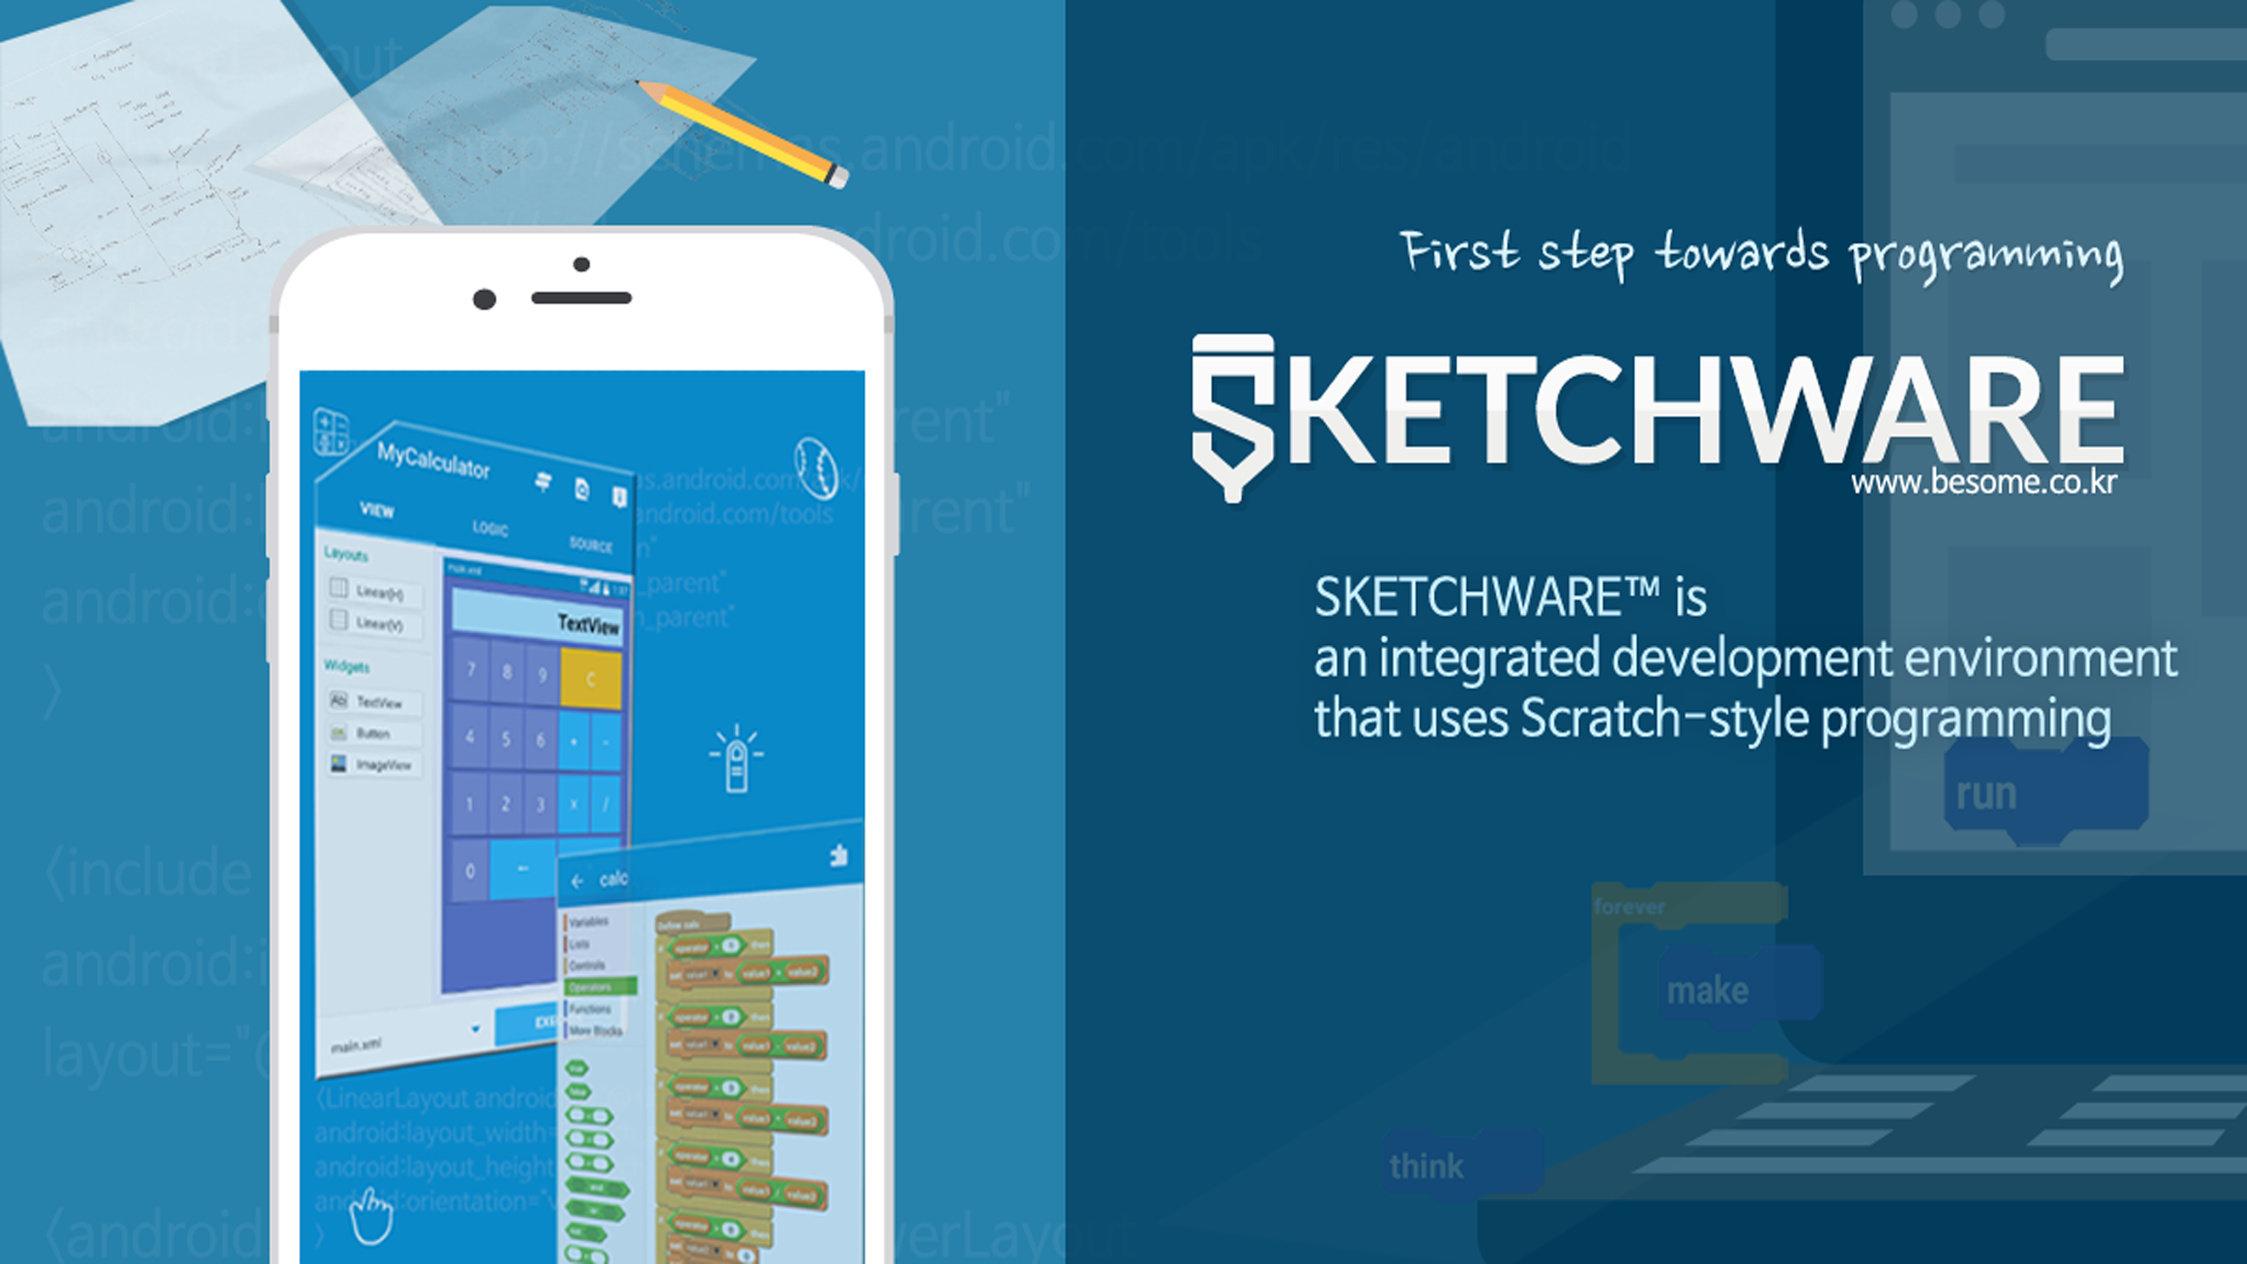 Sketchware adalah integrated development environment IDE yang terinspirasi dari bahasa Scratch yang memungkinkan Anda mengembangkan mengkompilasi